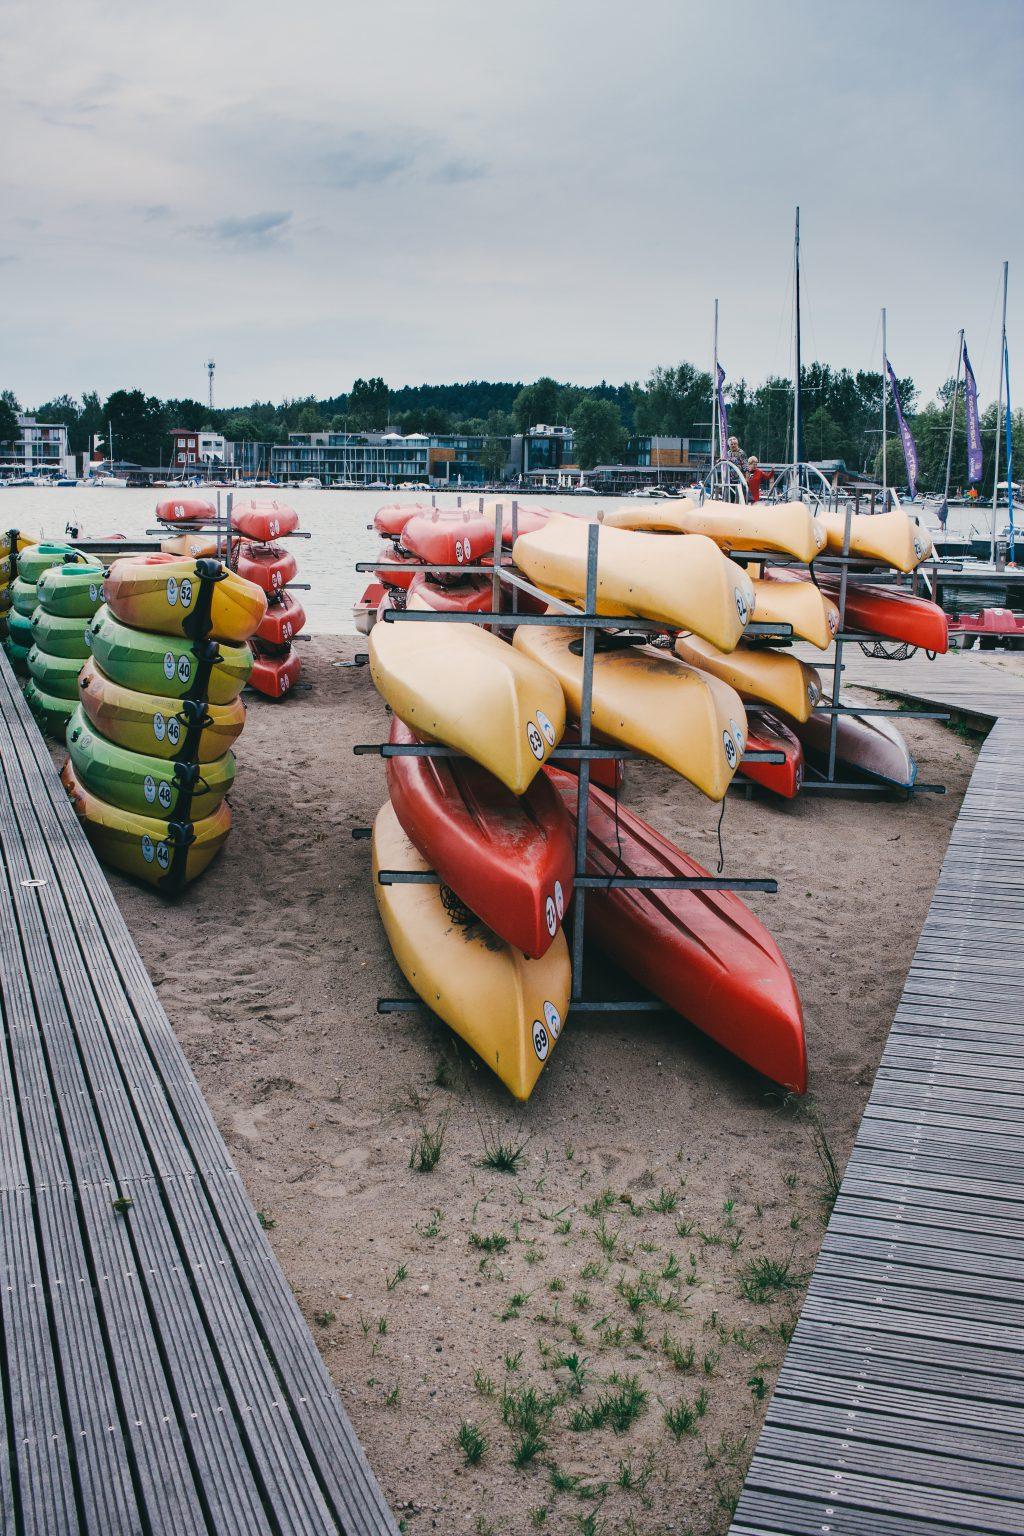 Kayak racks at the lake - free stock photo